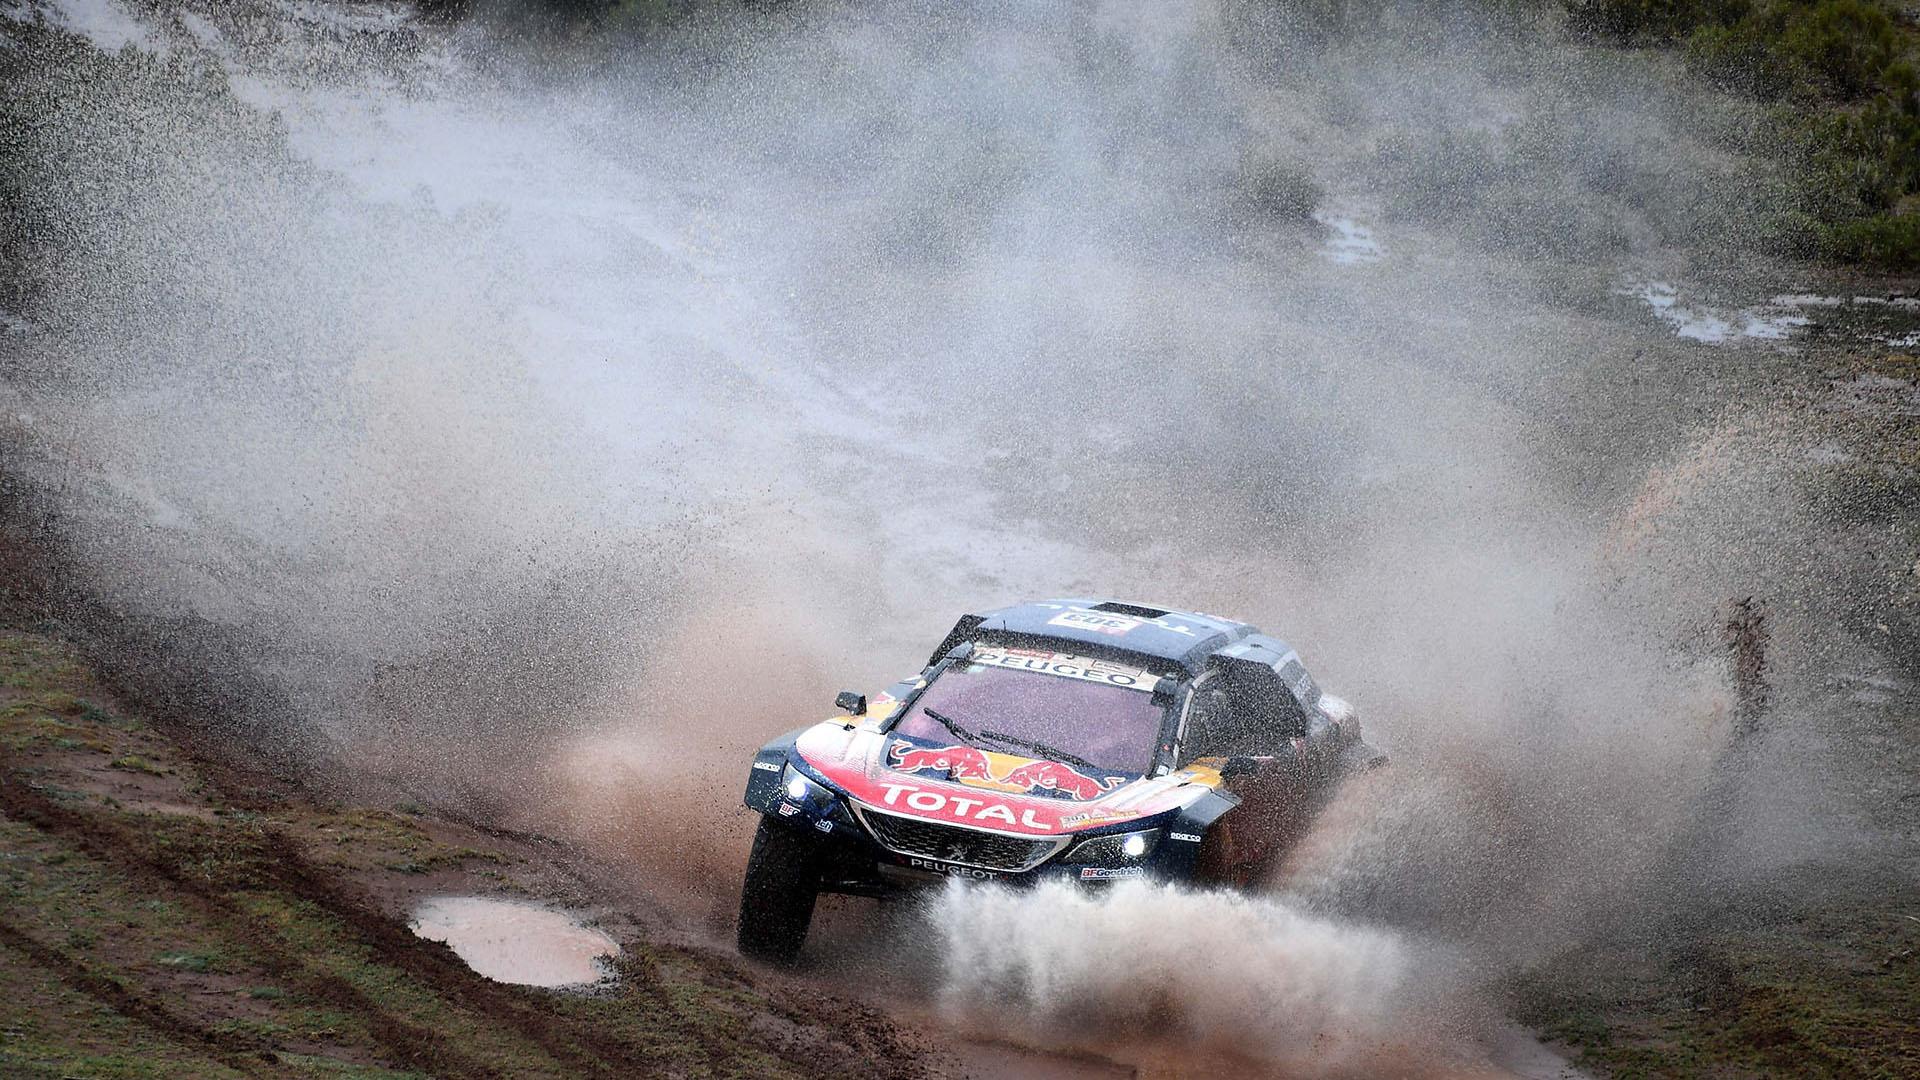 """""""Estoy contento con la etapa y vamos a seguir día a día tratando de pasar etapas, que quedan muchas y muy complicadas"""", dijo Carlos Sainz tras cruzar la meta con su Peugeot"""